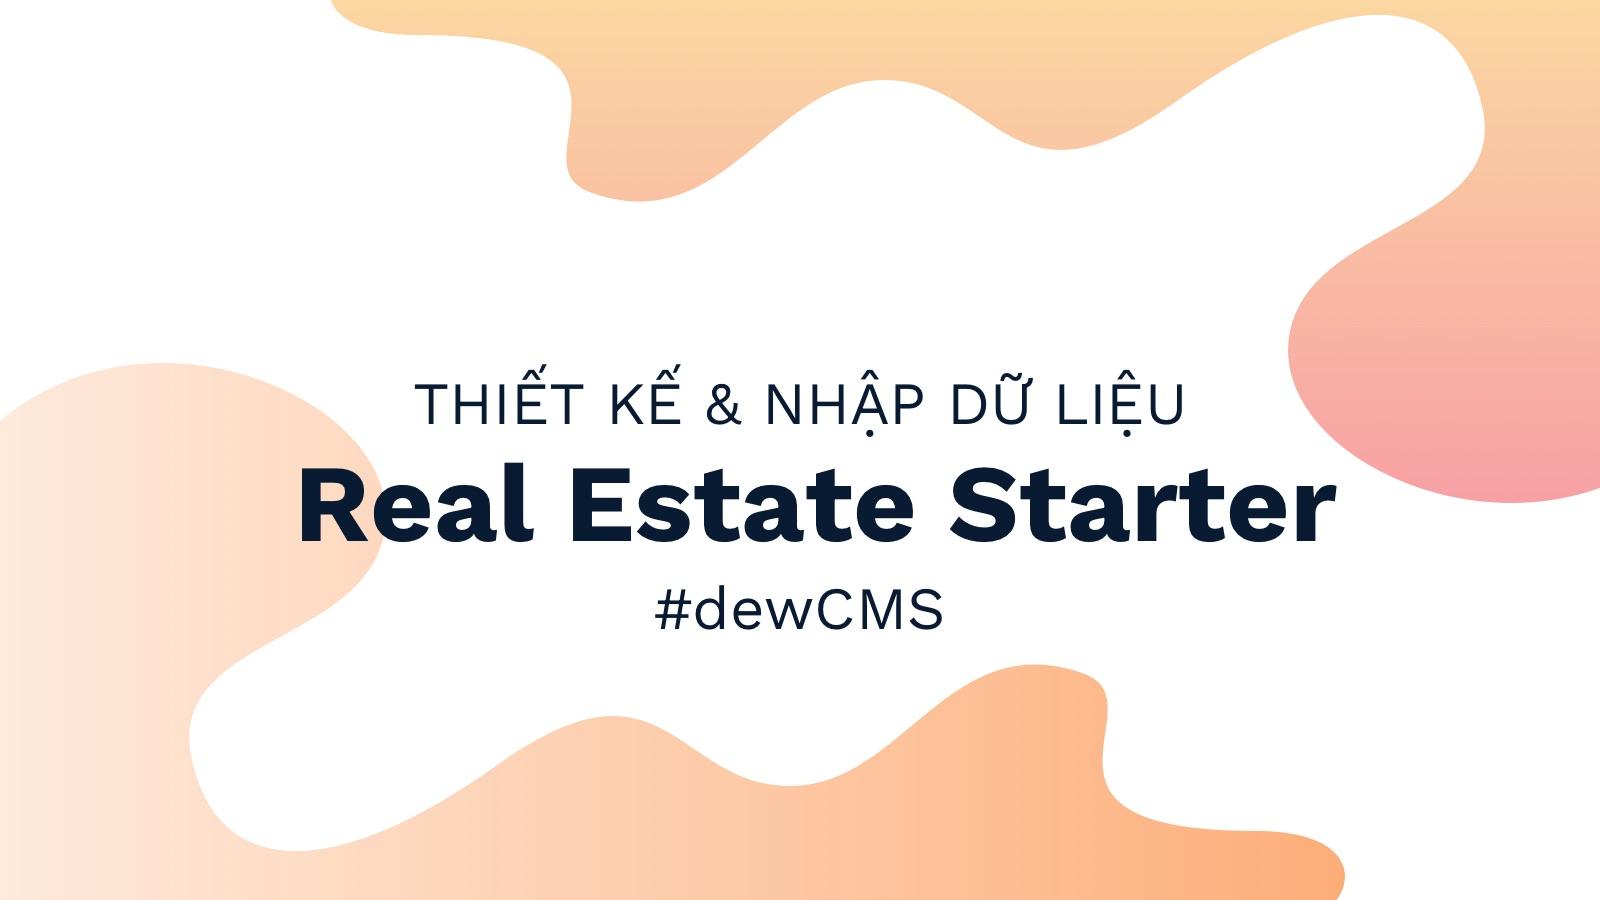 Hướng dẫn thiết kế và nhập dữ liệu bản Real Estate Starter